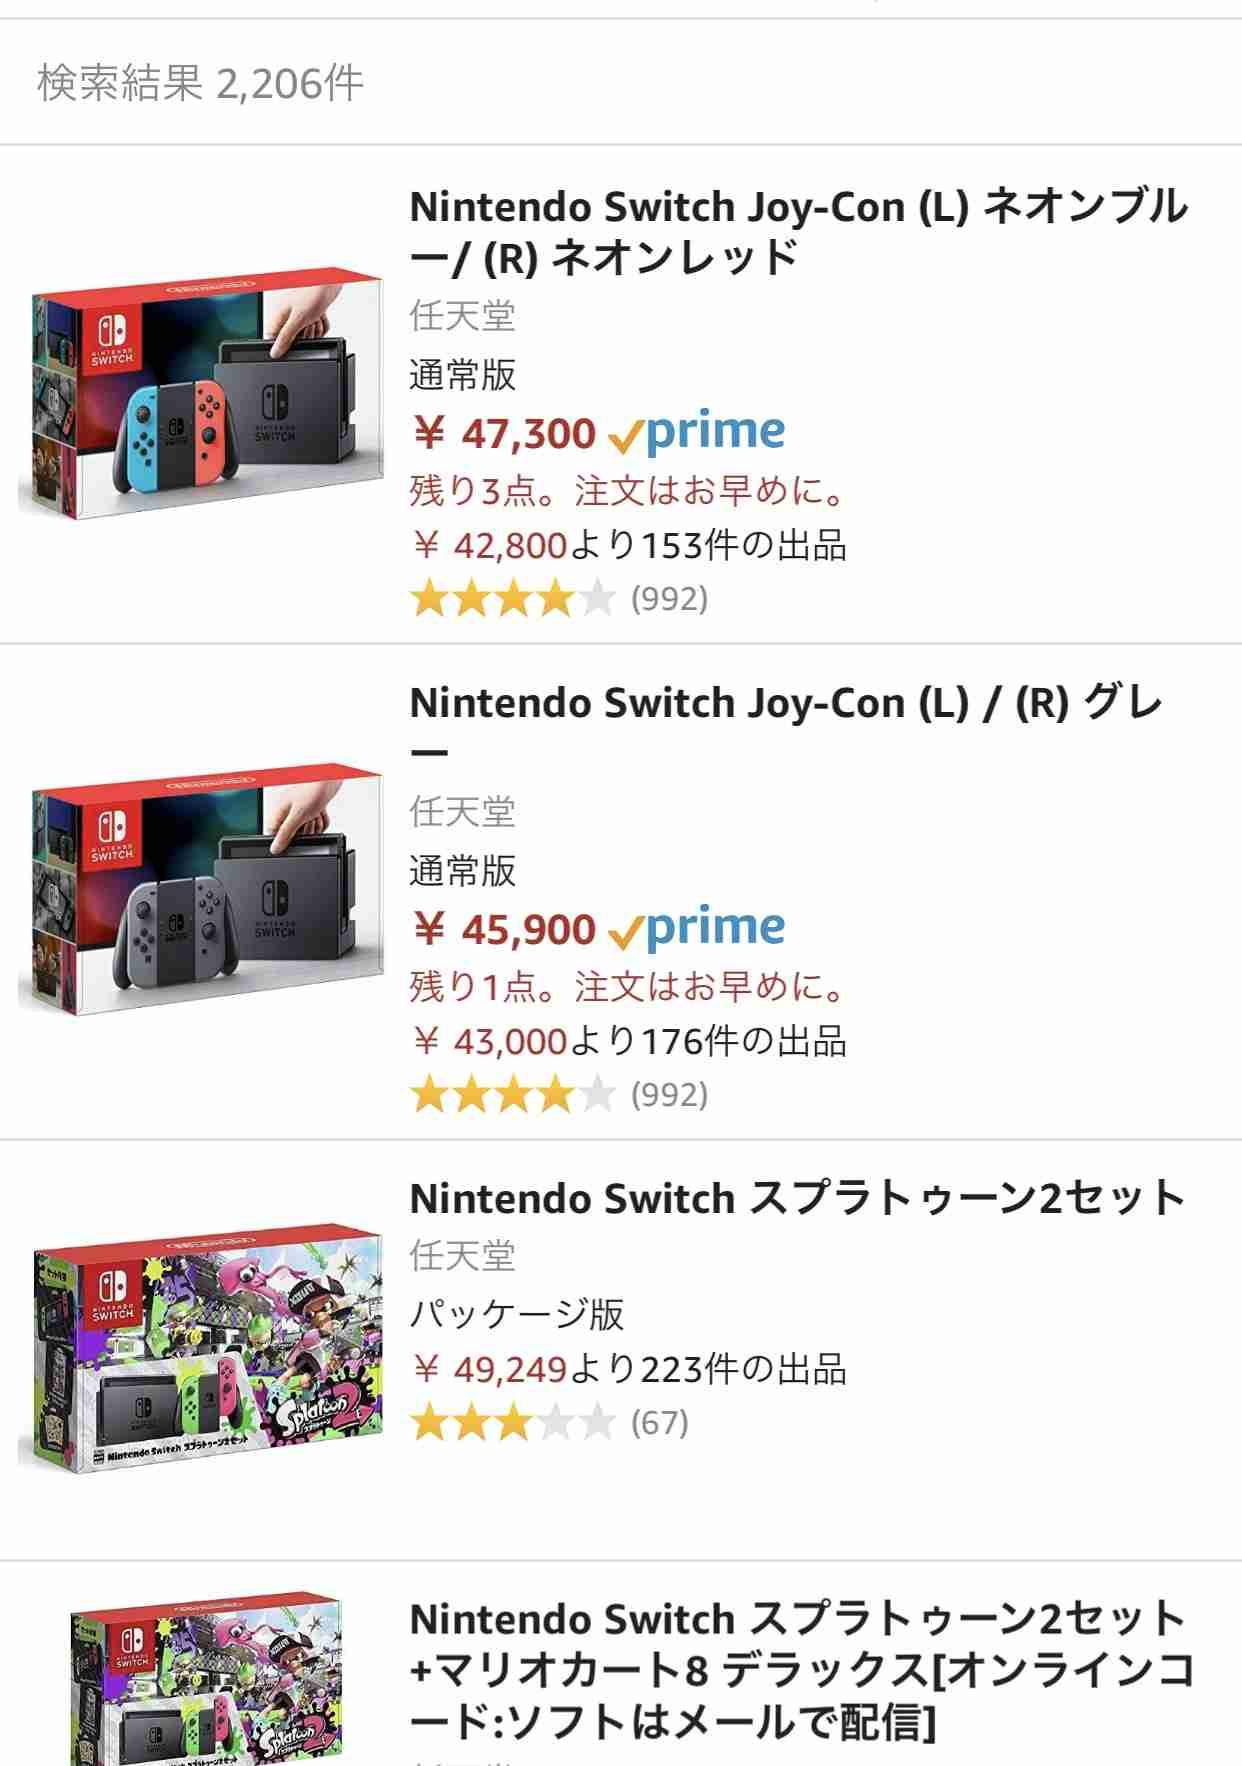 品薄の「Nintendo Switch」をプレゼントして視聴者稼ぎ 大量に買い占めるユーチューバーに批判「転売屋と変わらない」